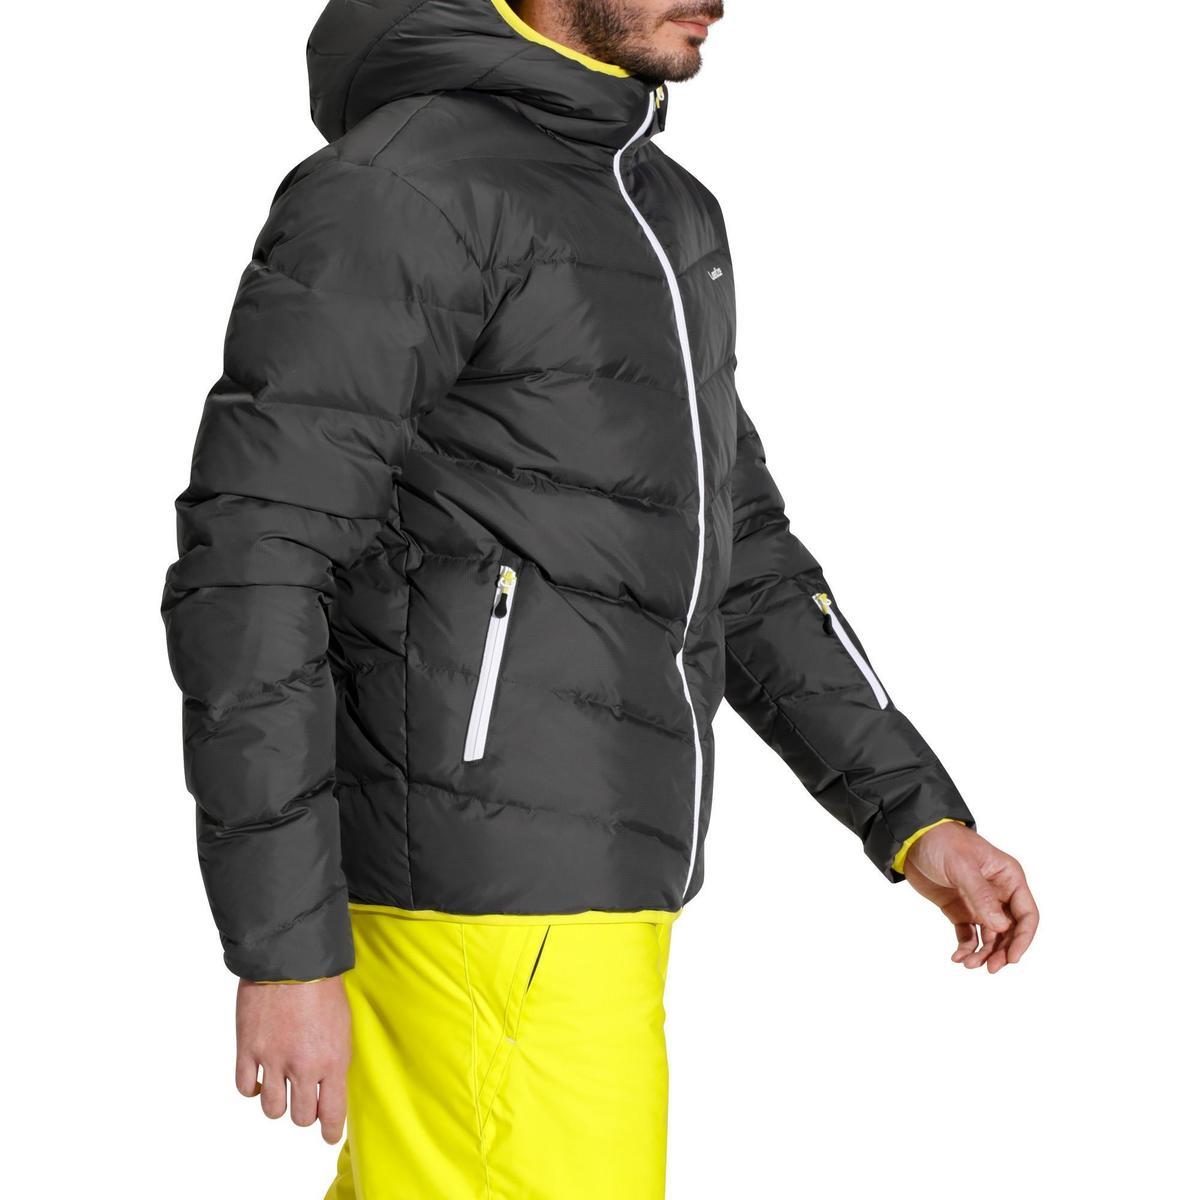 Bild 5 von Skijacke 500 Warm Herren grau